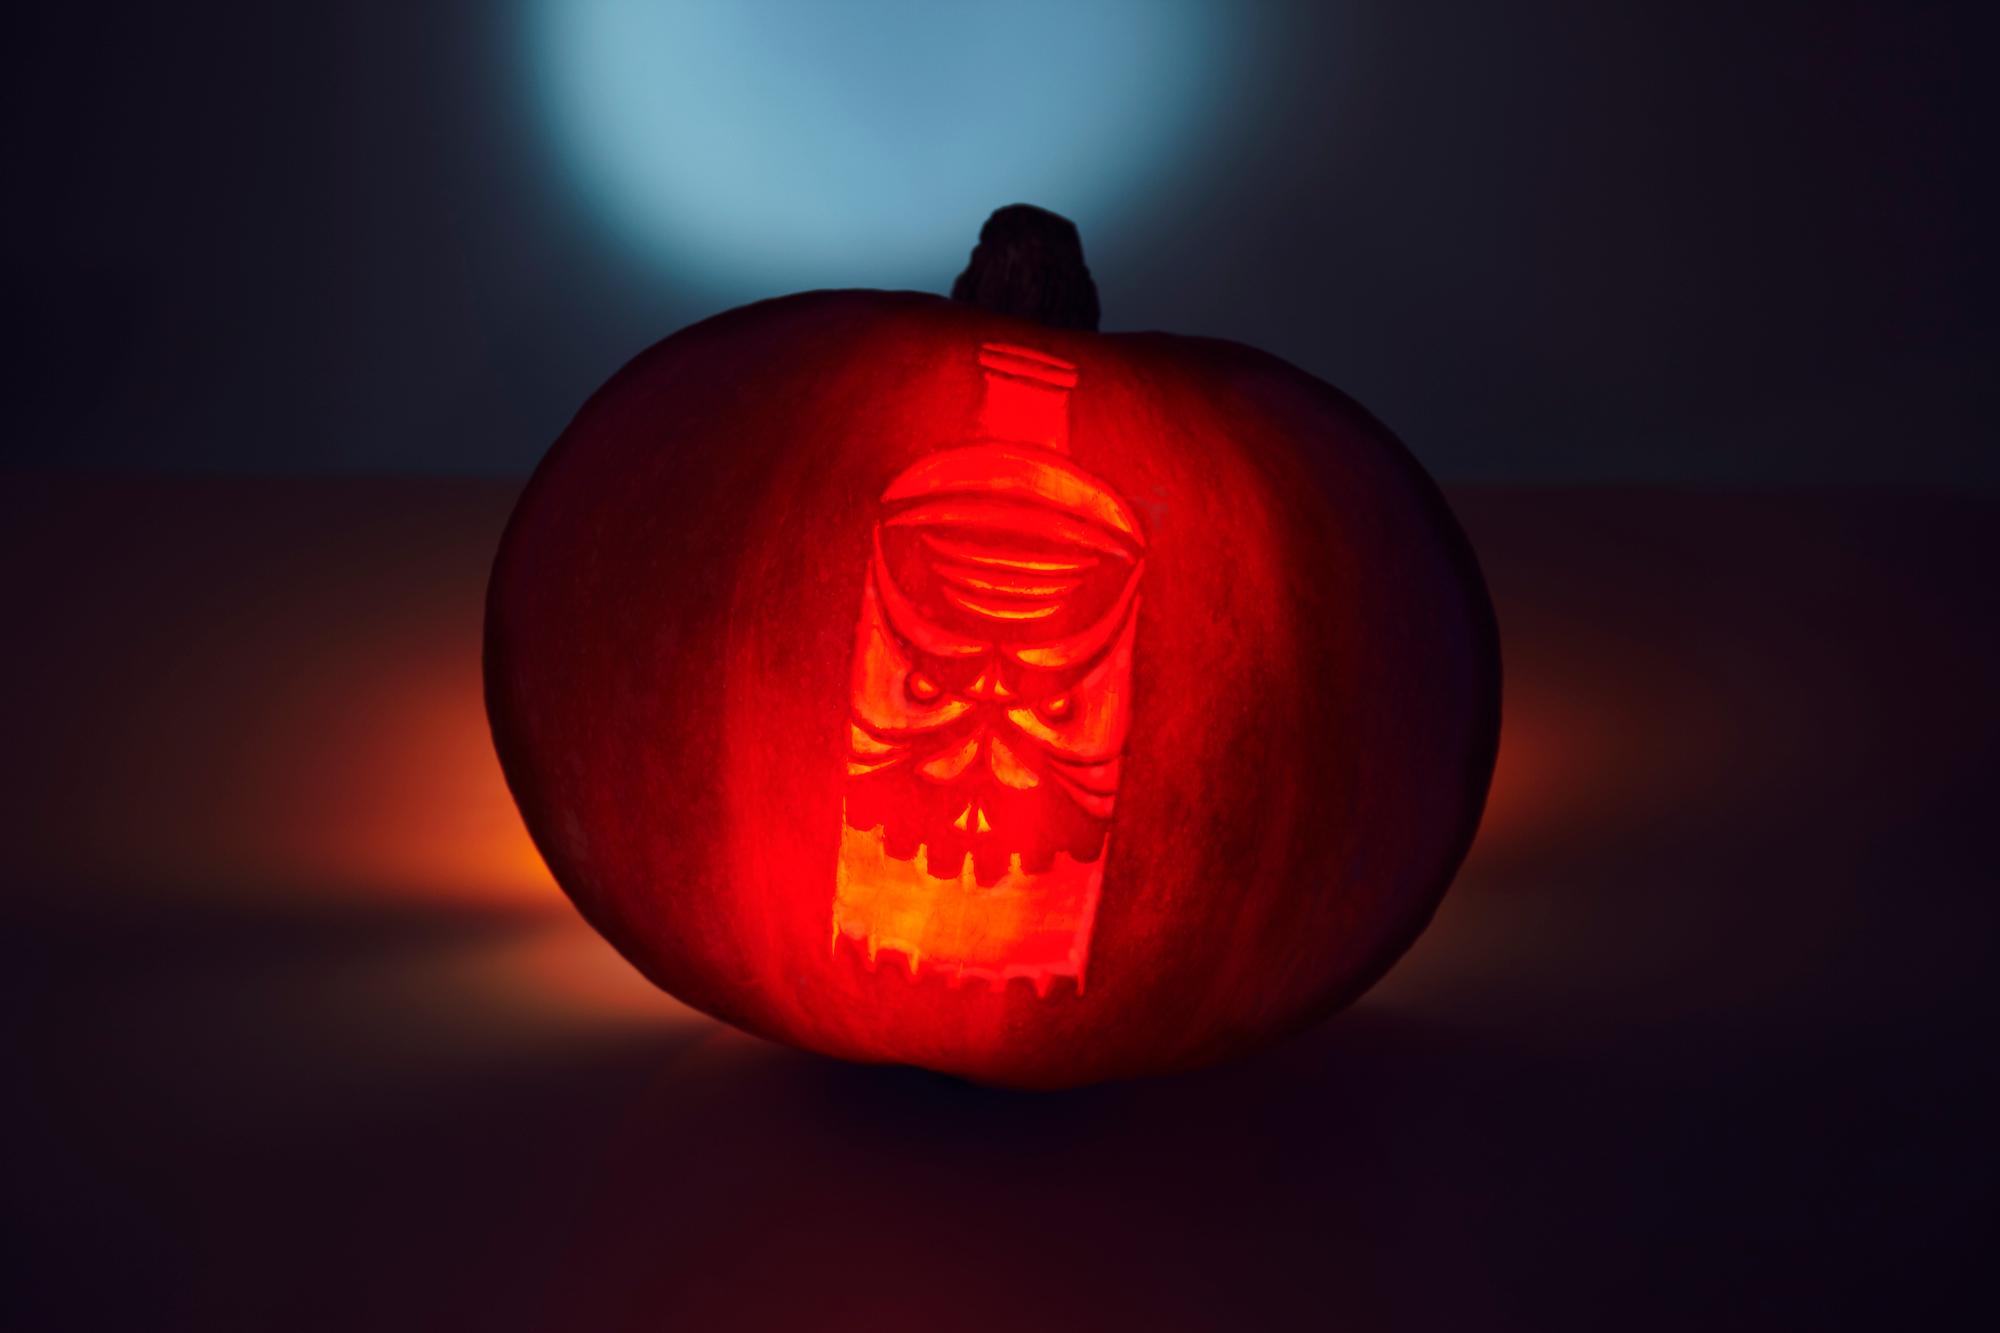 Absolut_5_Halloween_0143.JPG